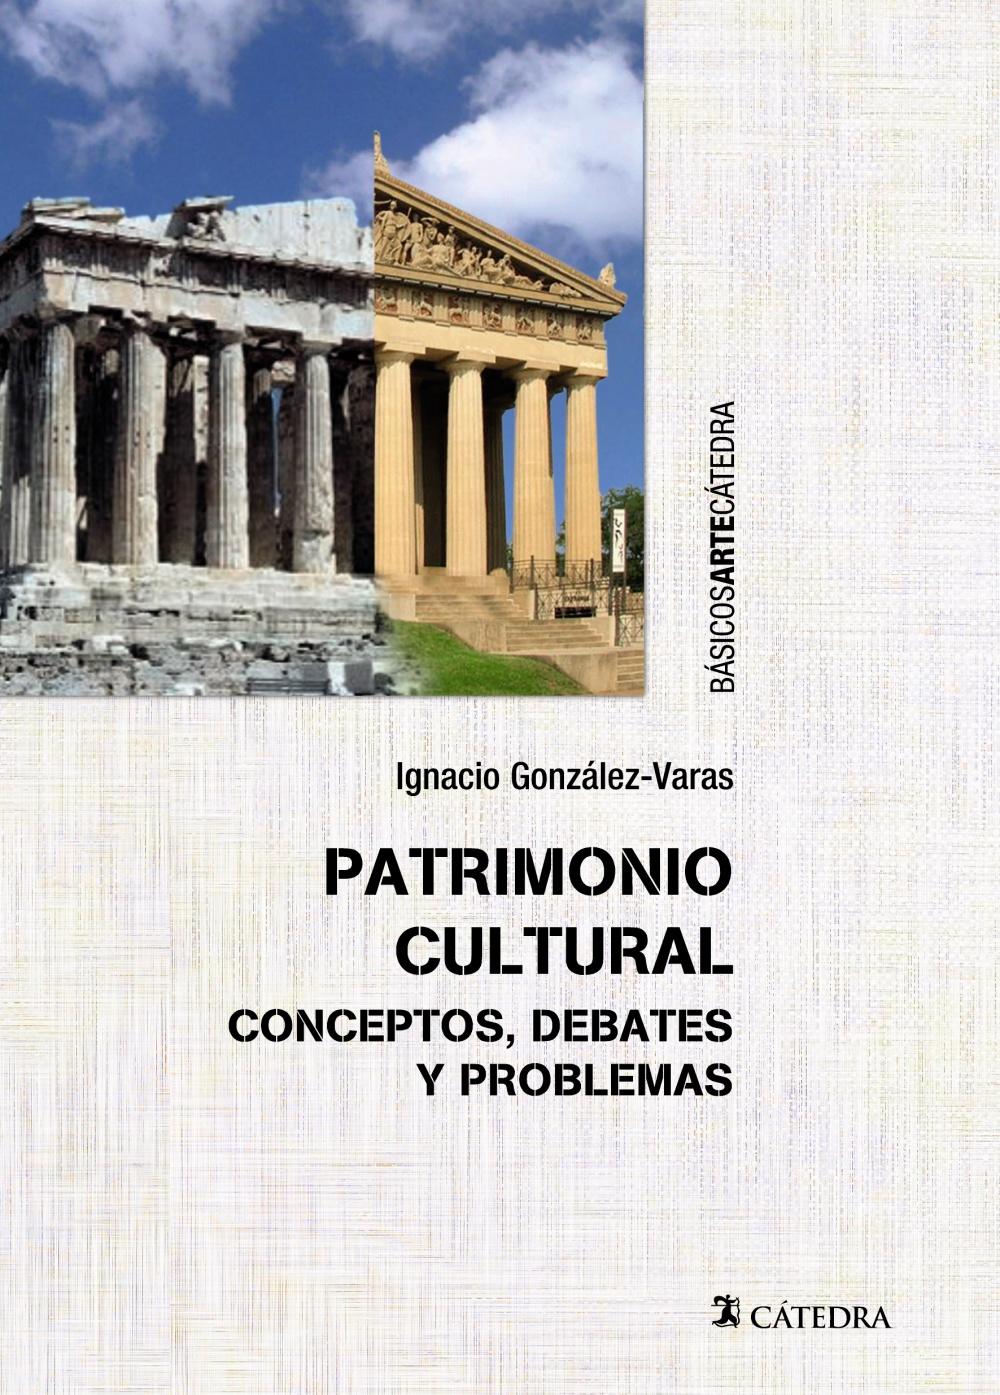 Patrimonio Cultural: Conceptos, Debates Y Problemas por Ignacio Gonzalez-varas